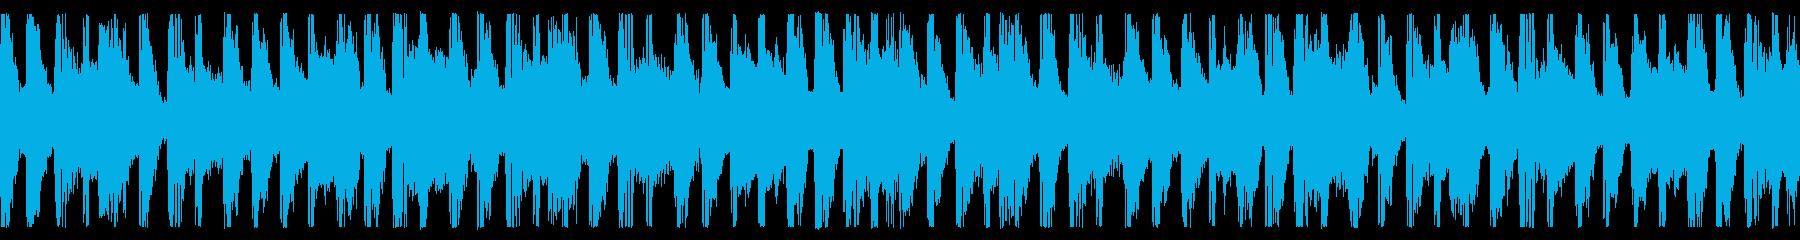 ややジャジーなコードと明るいピアノ...の再生済みの波形